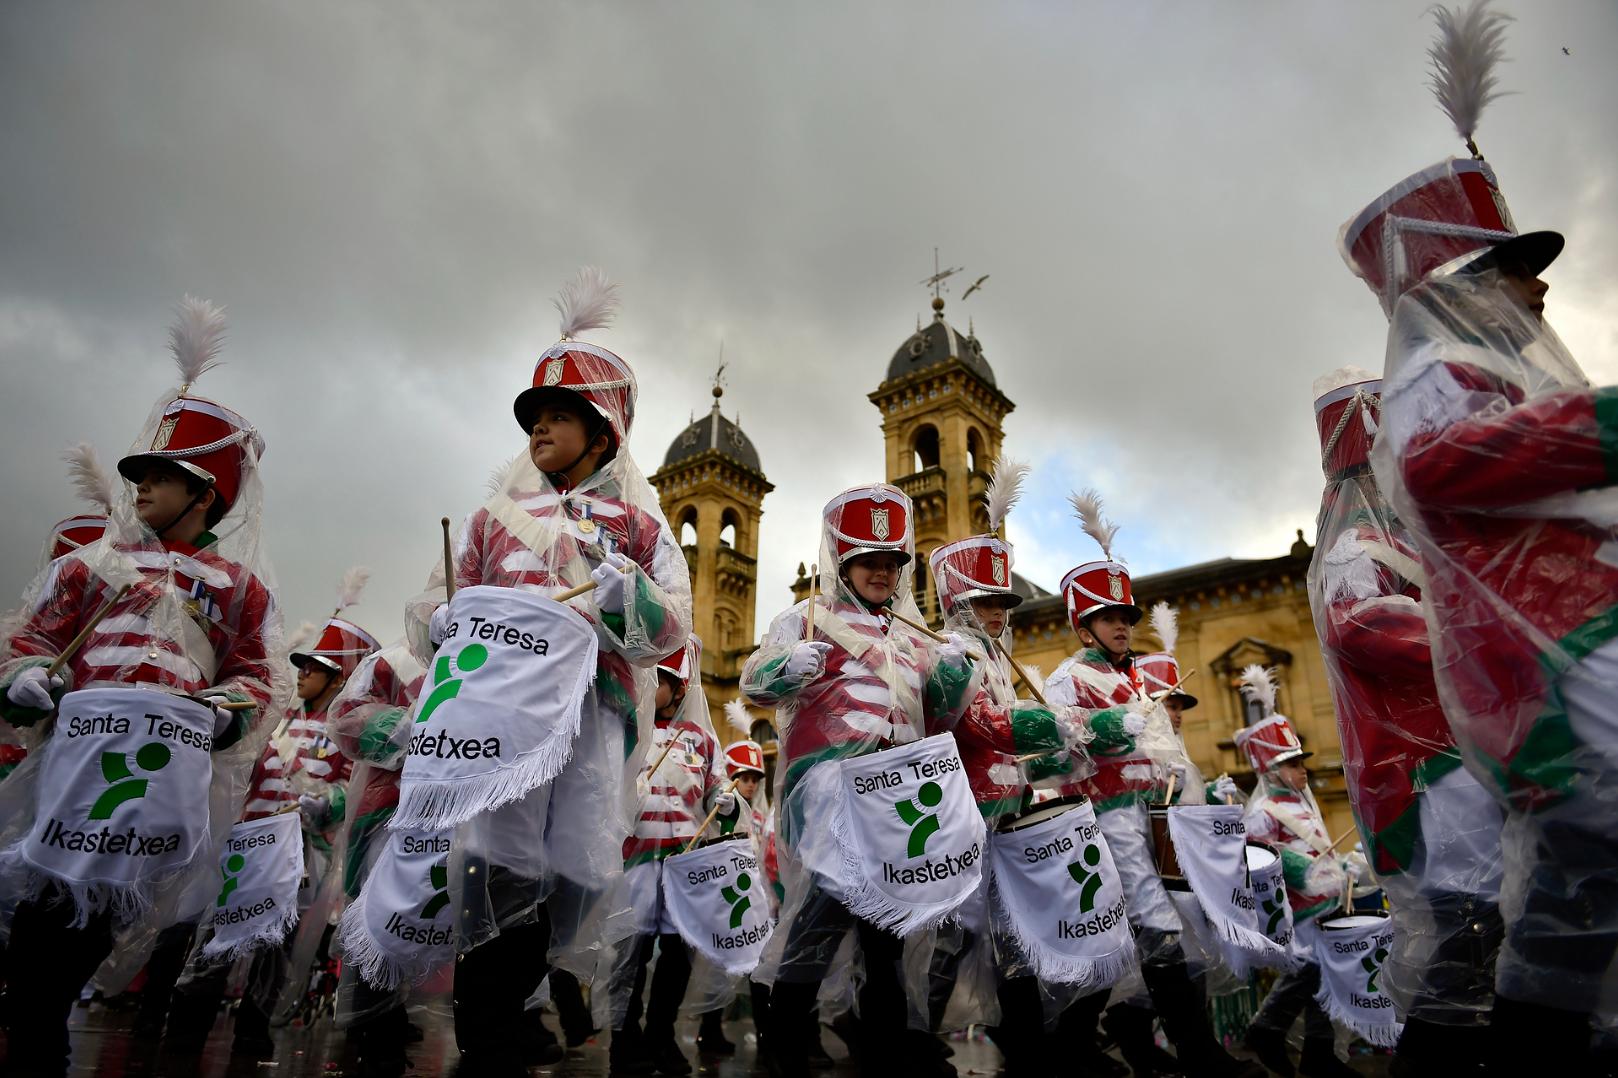 Барабанная дробь в честь святого Себастьяна (ФОТО)